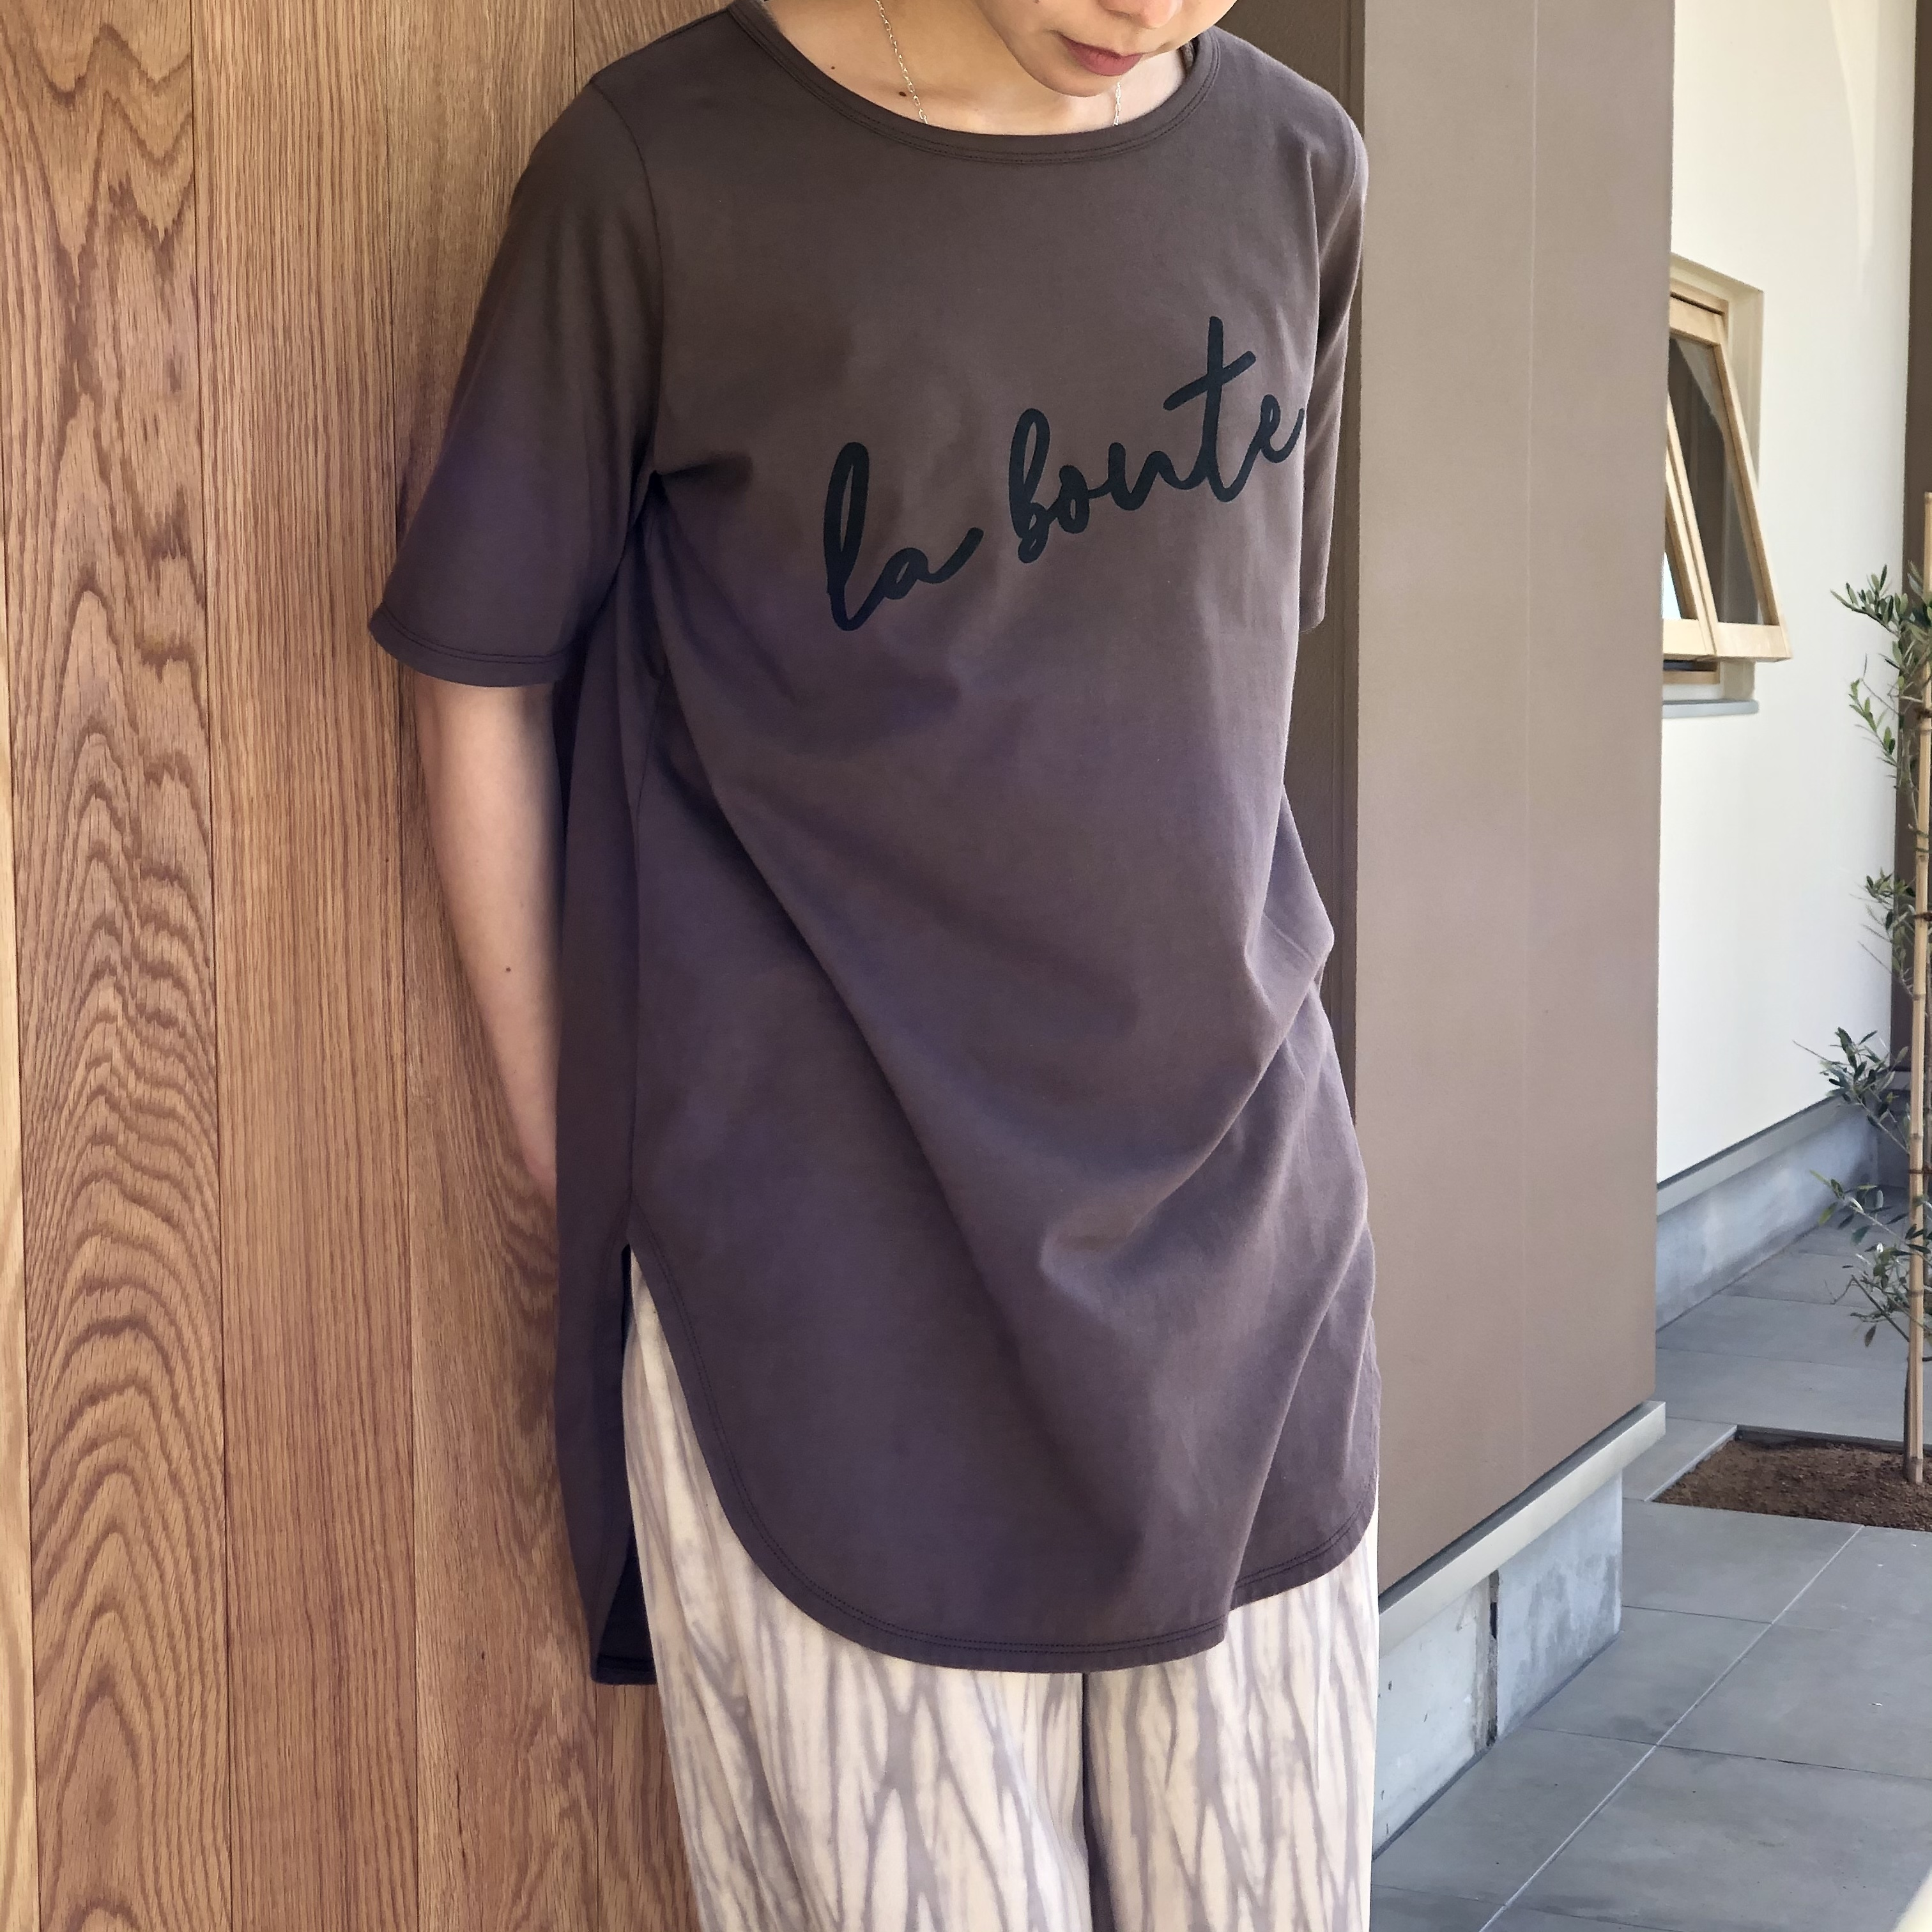 【 siro de labonte 】- R123214 - la bonte ラウンドTシャツ